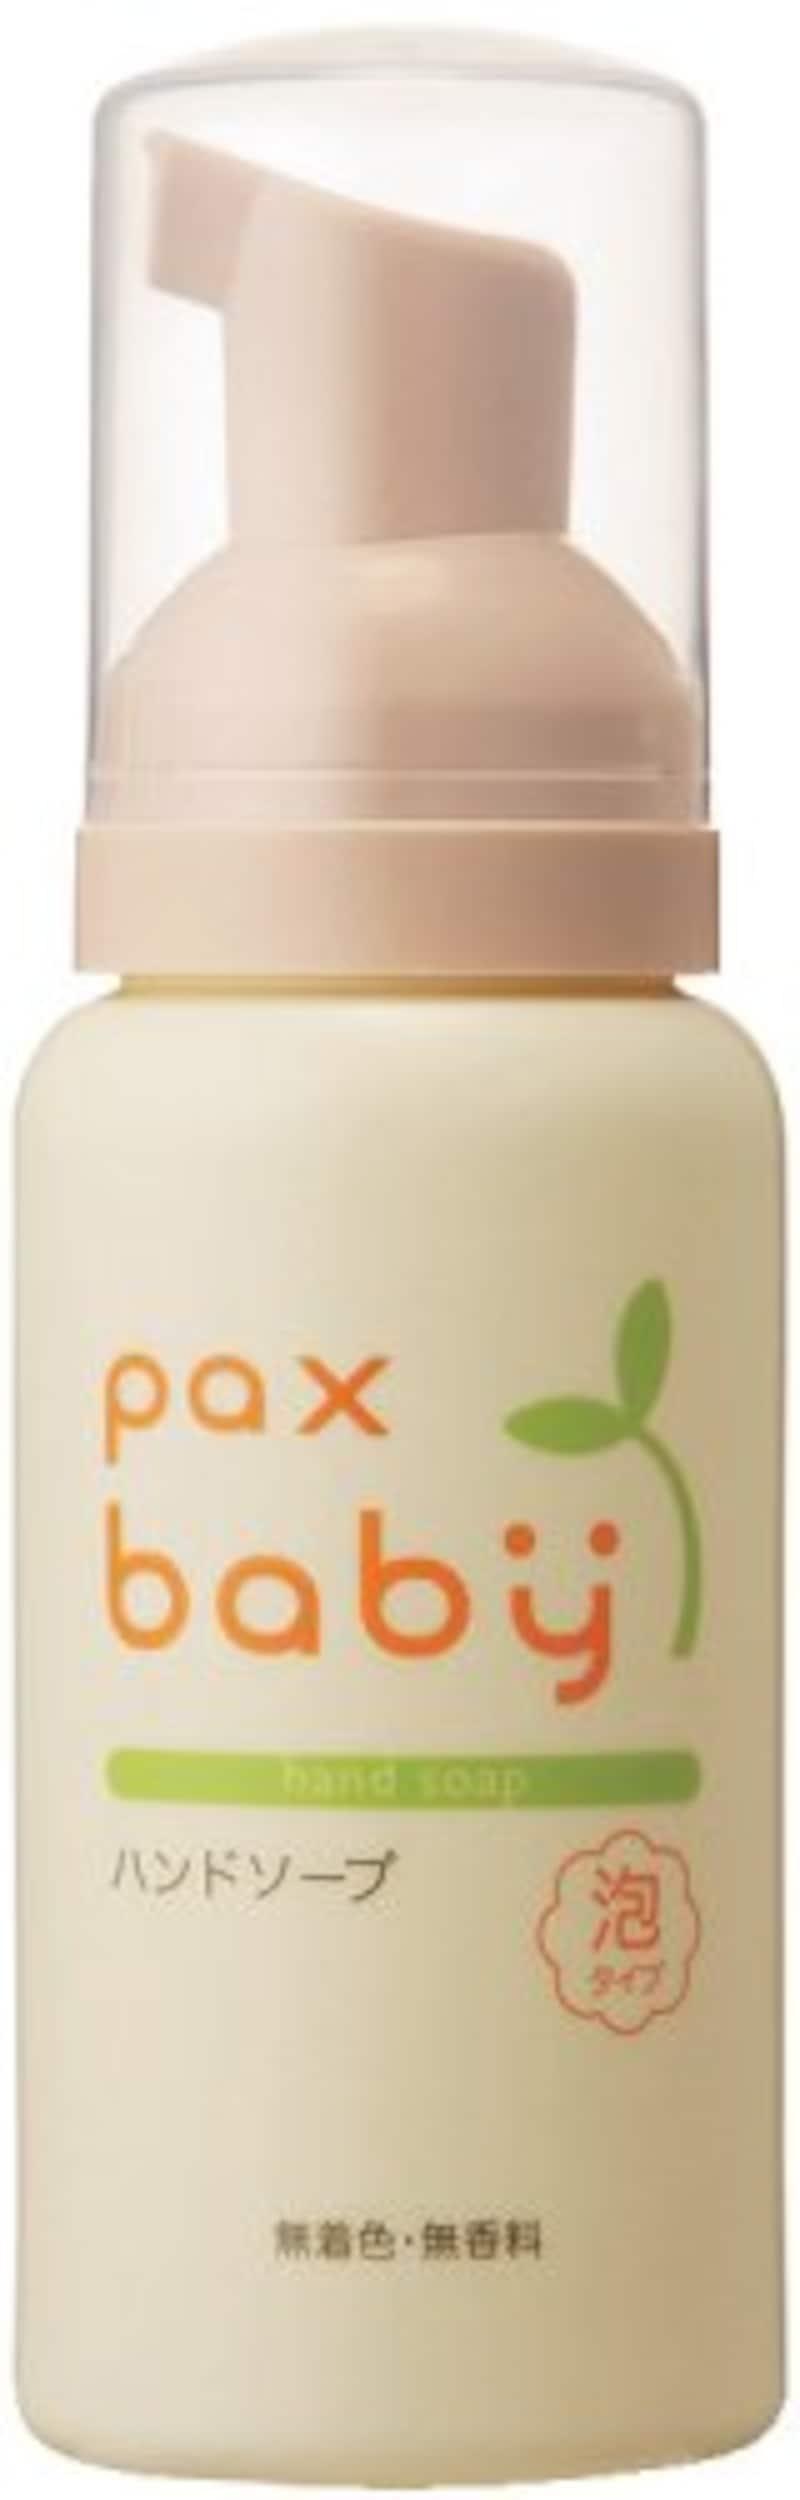 太陽油脂,PAX BABY(パックスベビー)ハンドソープ